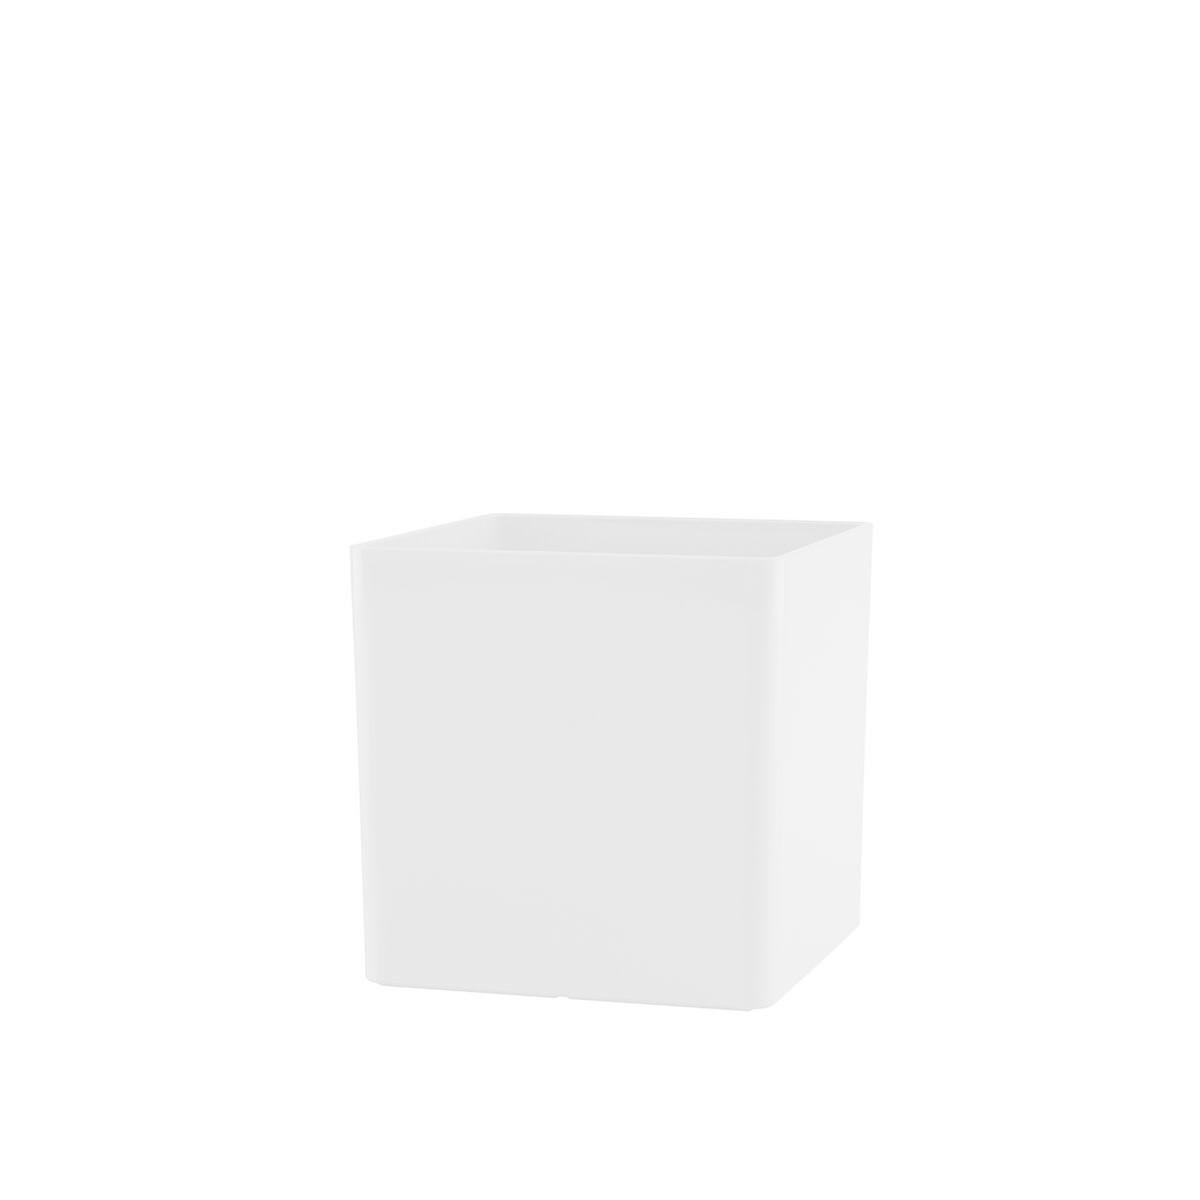 Vaso Cubo 10 x 10 cm Branco